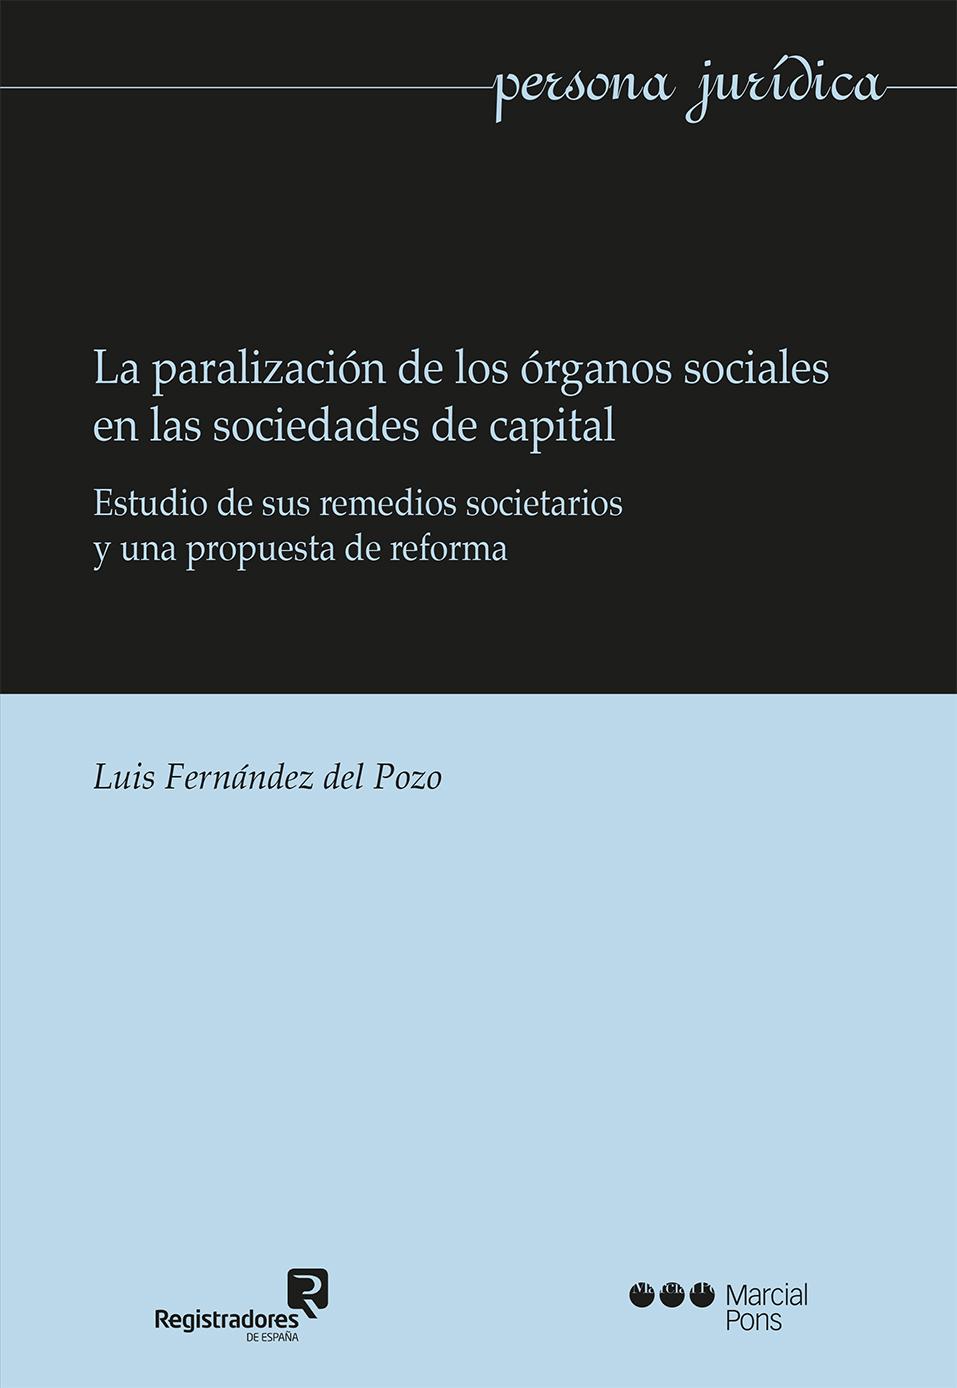 La paralización de los órganos sociales en las sociedades de capital   «Estudio de sus remedios societarios y una propuesta de reforma»